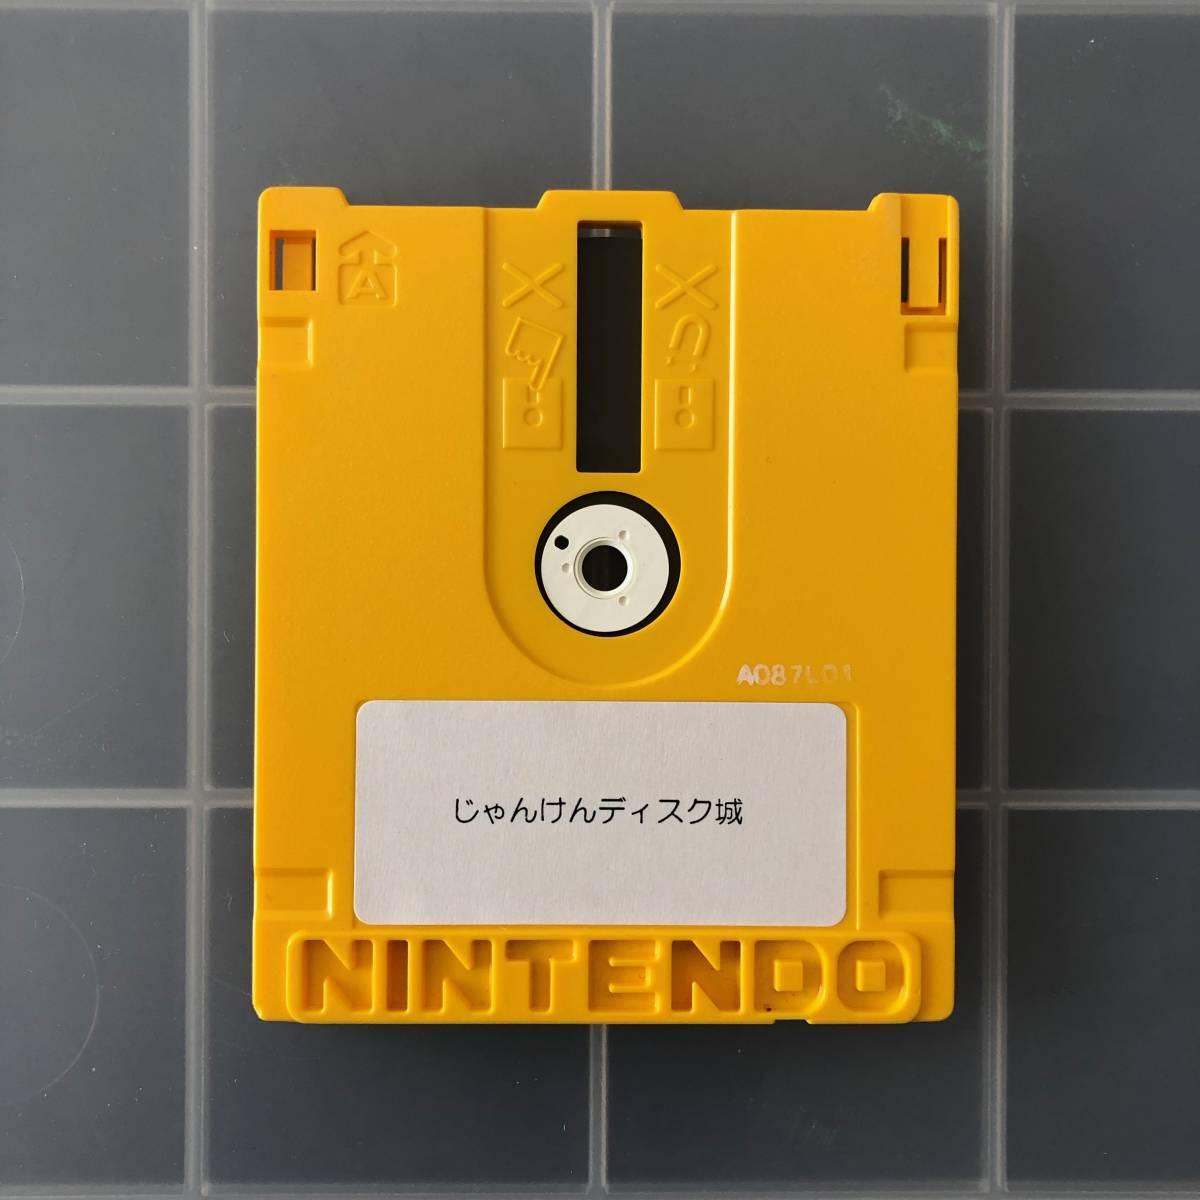 【FC-disk】ファミコンディスクカード ファミマガDisk Vol.6 じゃんけんディスク城【現状品】